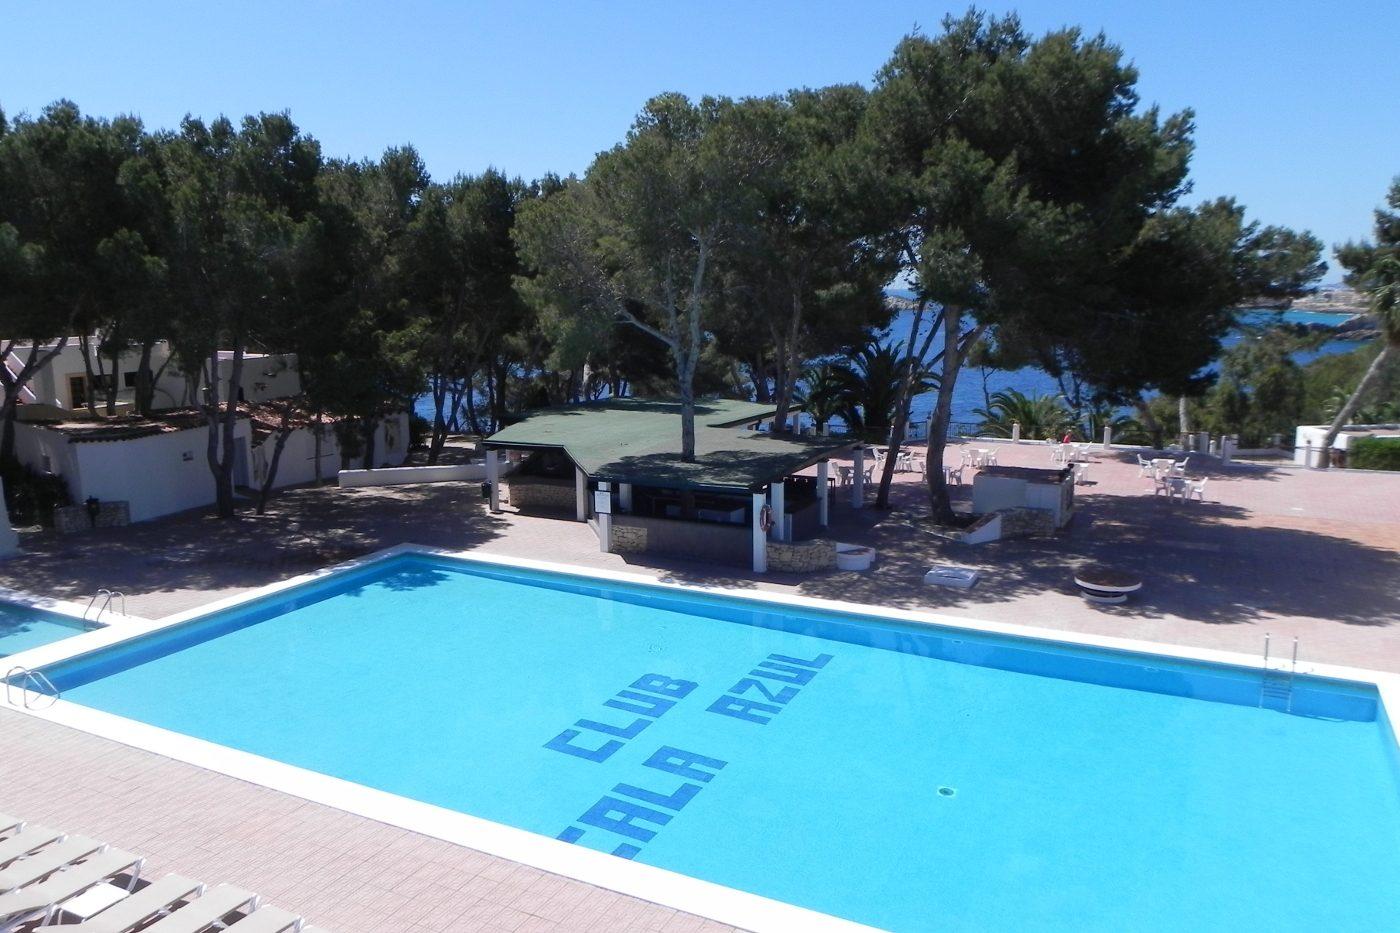 club cala azul swimming pool (3)